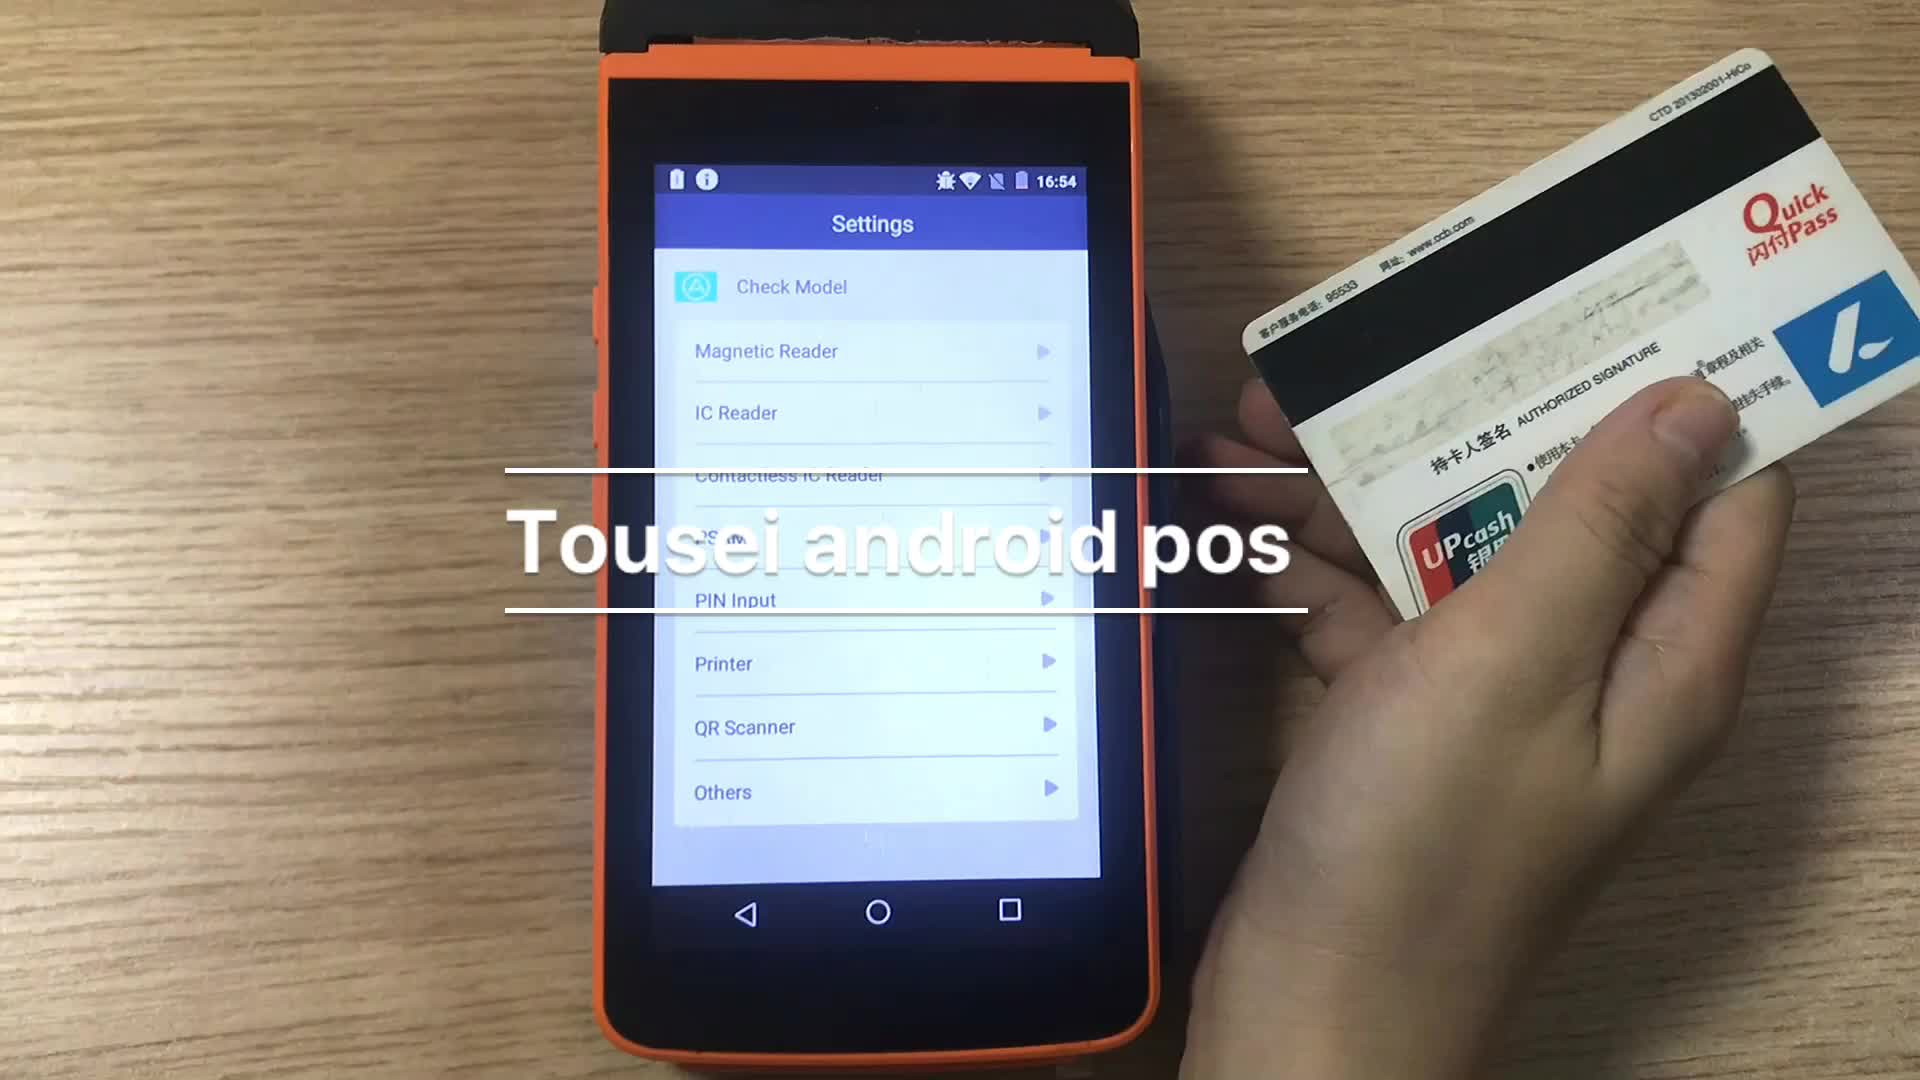 TS-P20L Di Động 4g wifi pos-thiết bị đầu cuối Android 7.0 pos với thẻ psam máy in nhiệt thanh toán pos-thiết bị đầu cuối